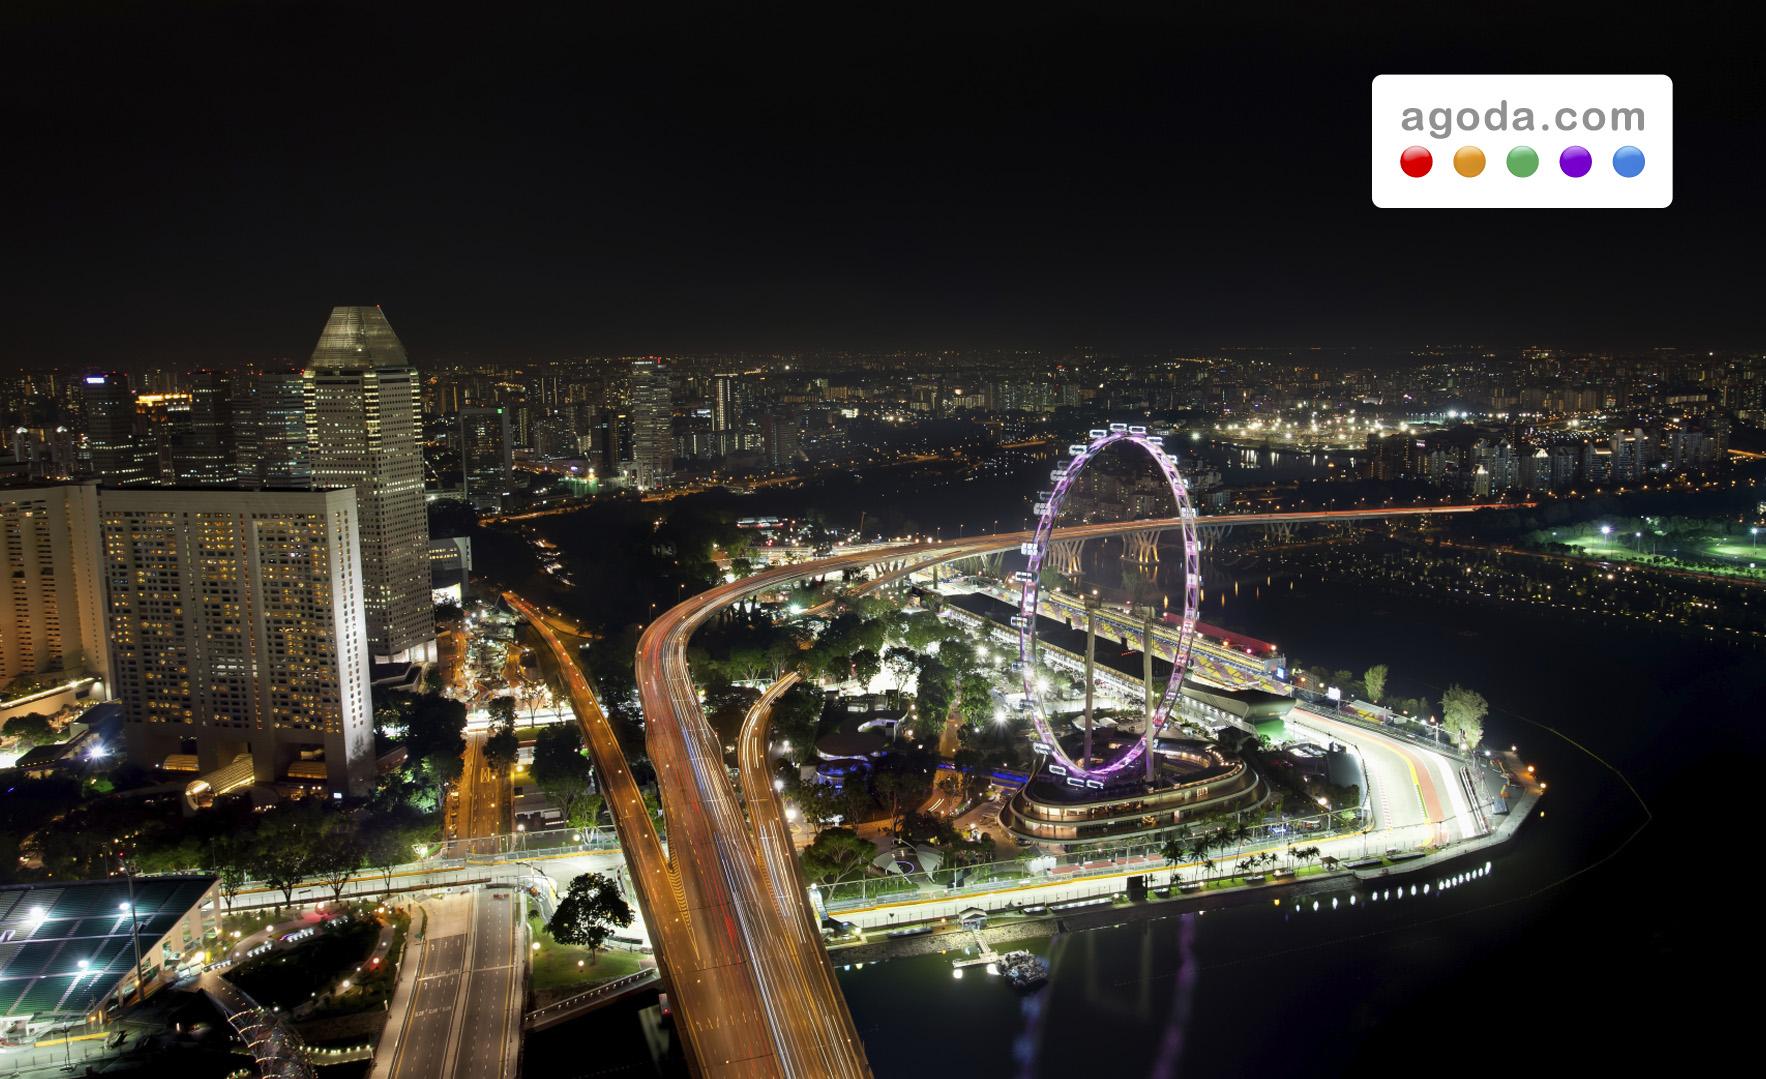 Agoda.comが人気F1レースに合わせてシンガポールのホテル特別価格もヒートアップ!